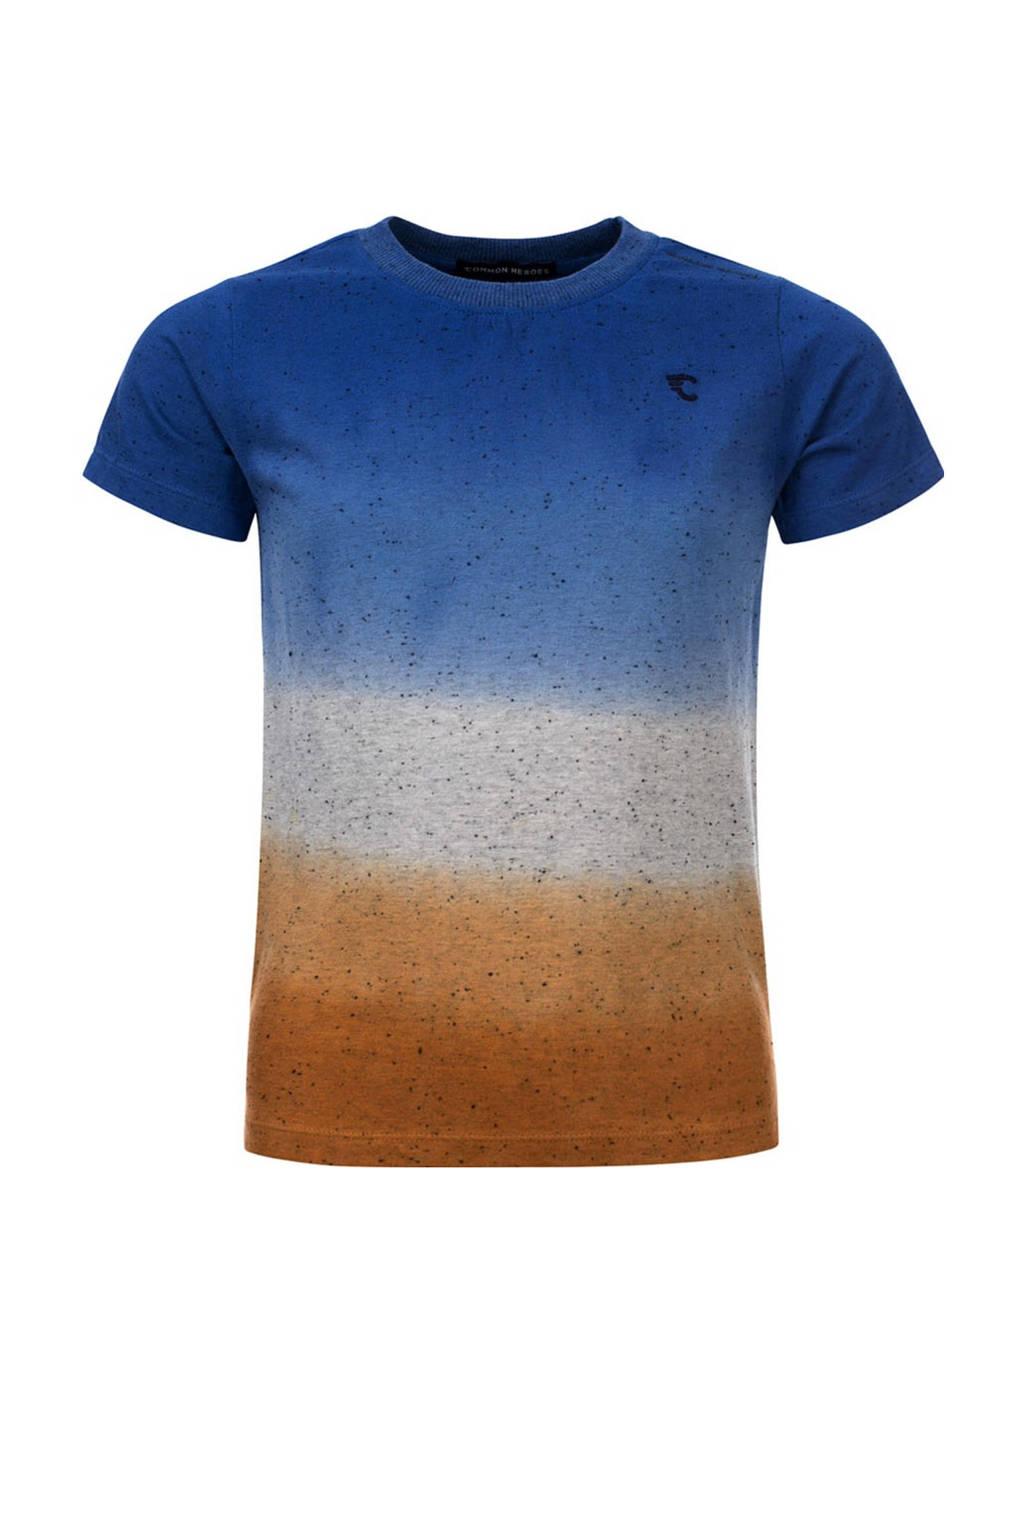 COMMON HEROES T-shirt Tim van biologisch katoen blauw/grijs/bruin, Blauw/grijs/bruin